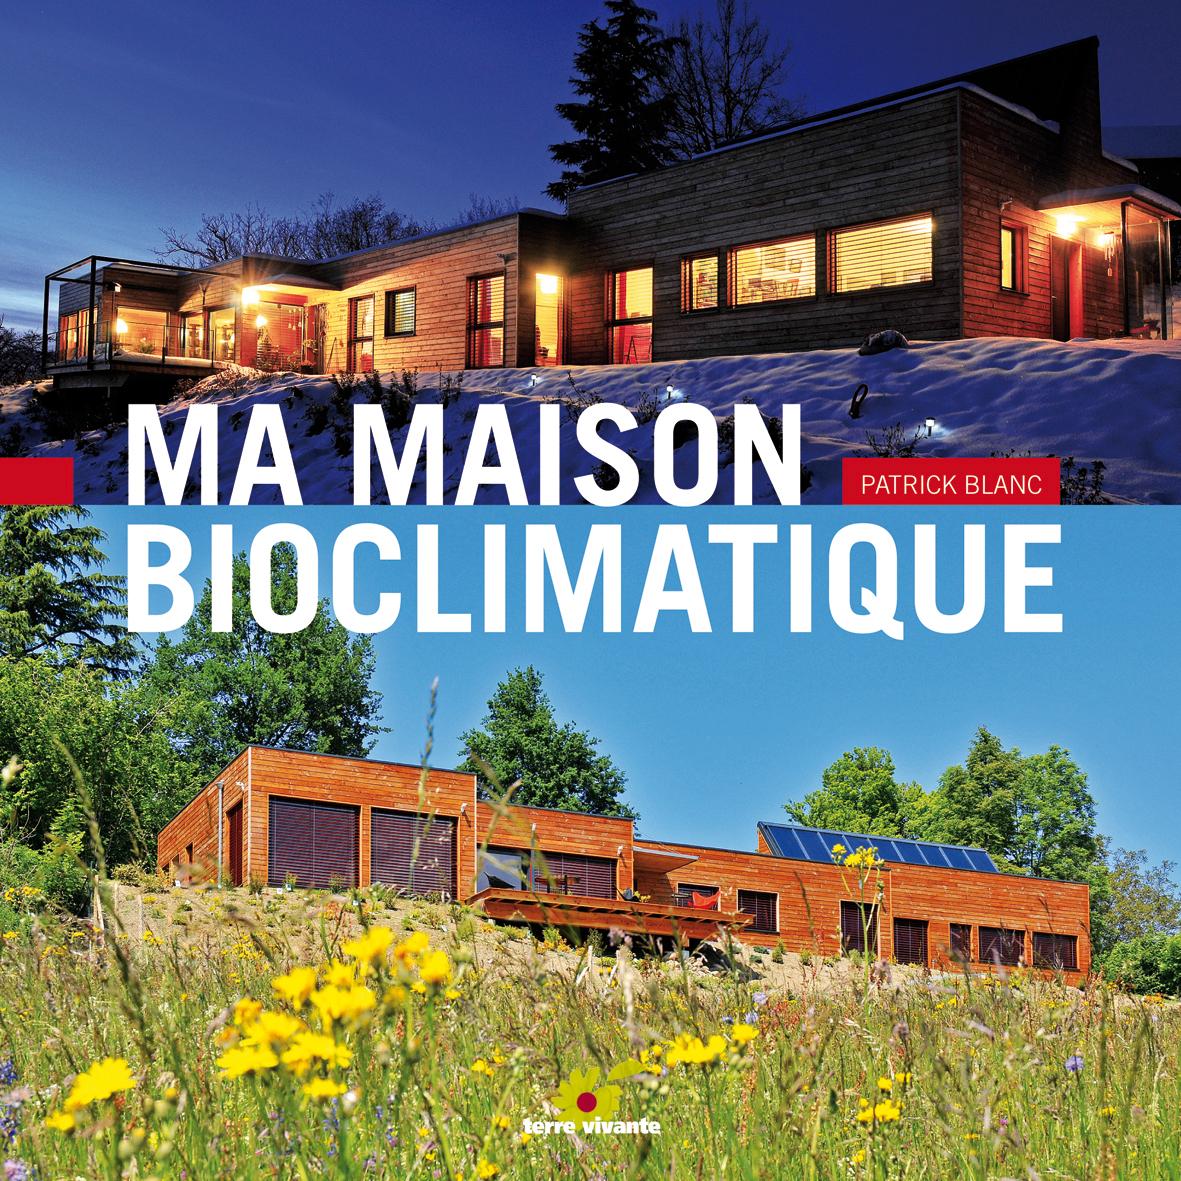 Souvent Maison bioclimatique - SARL Nicollet GP33